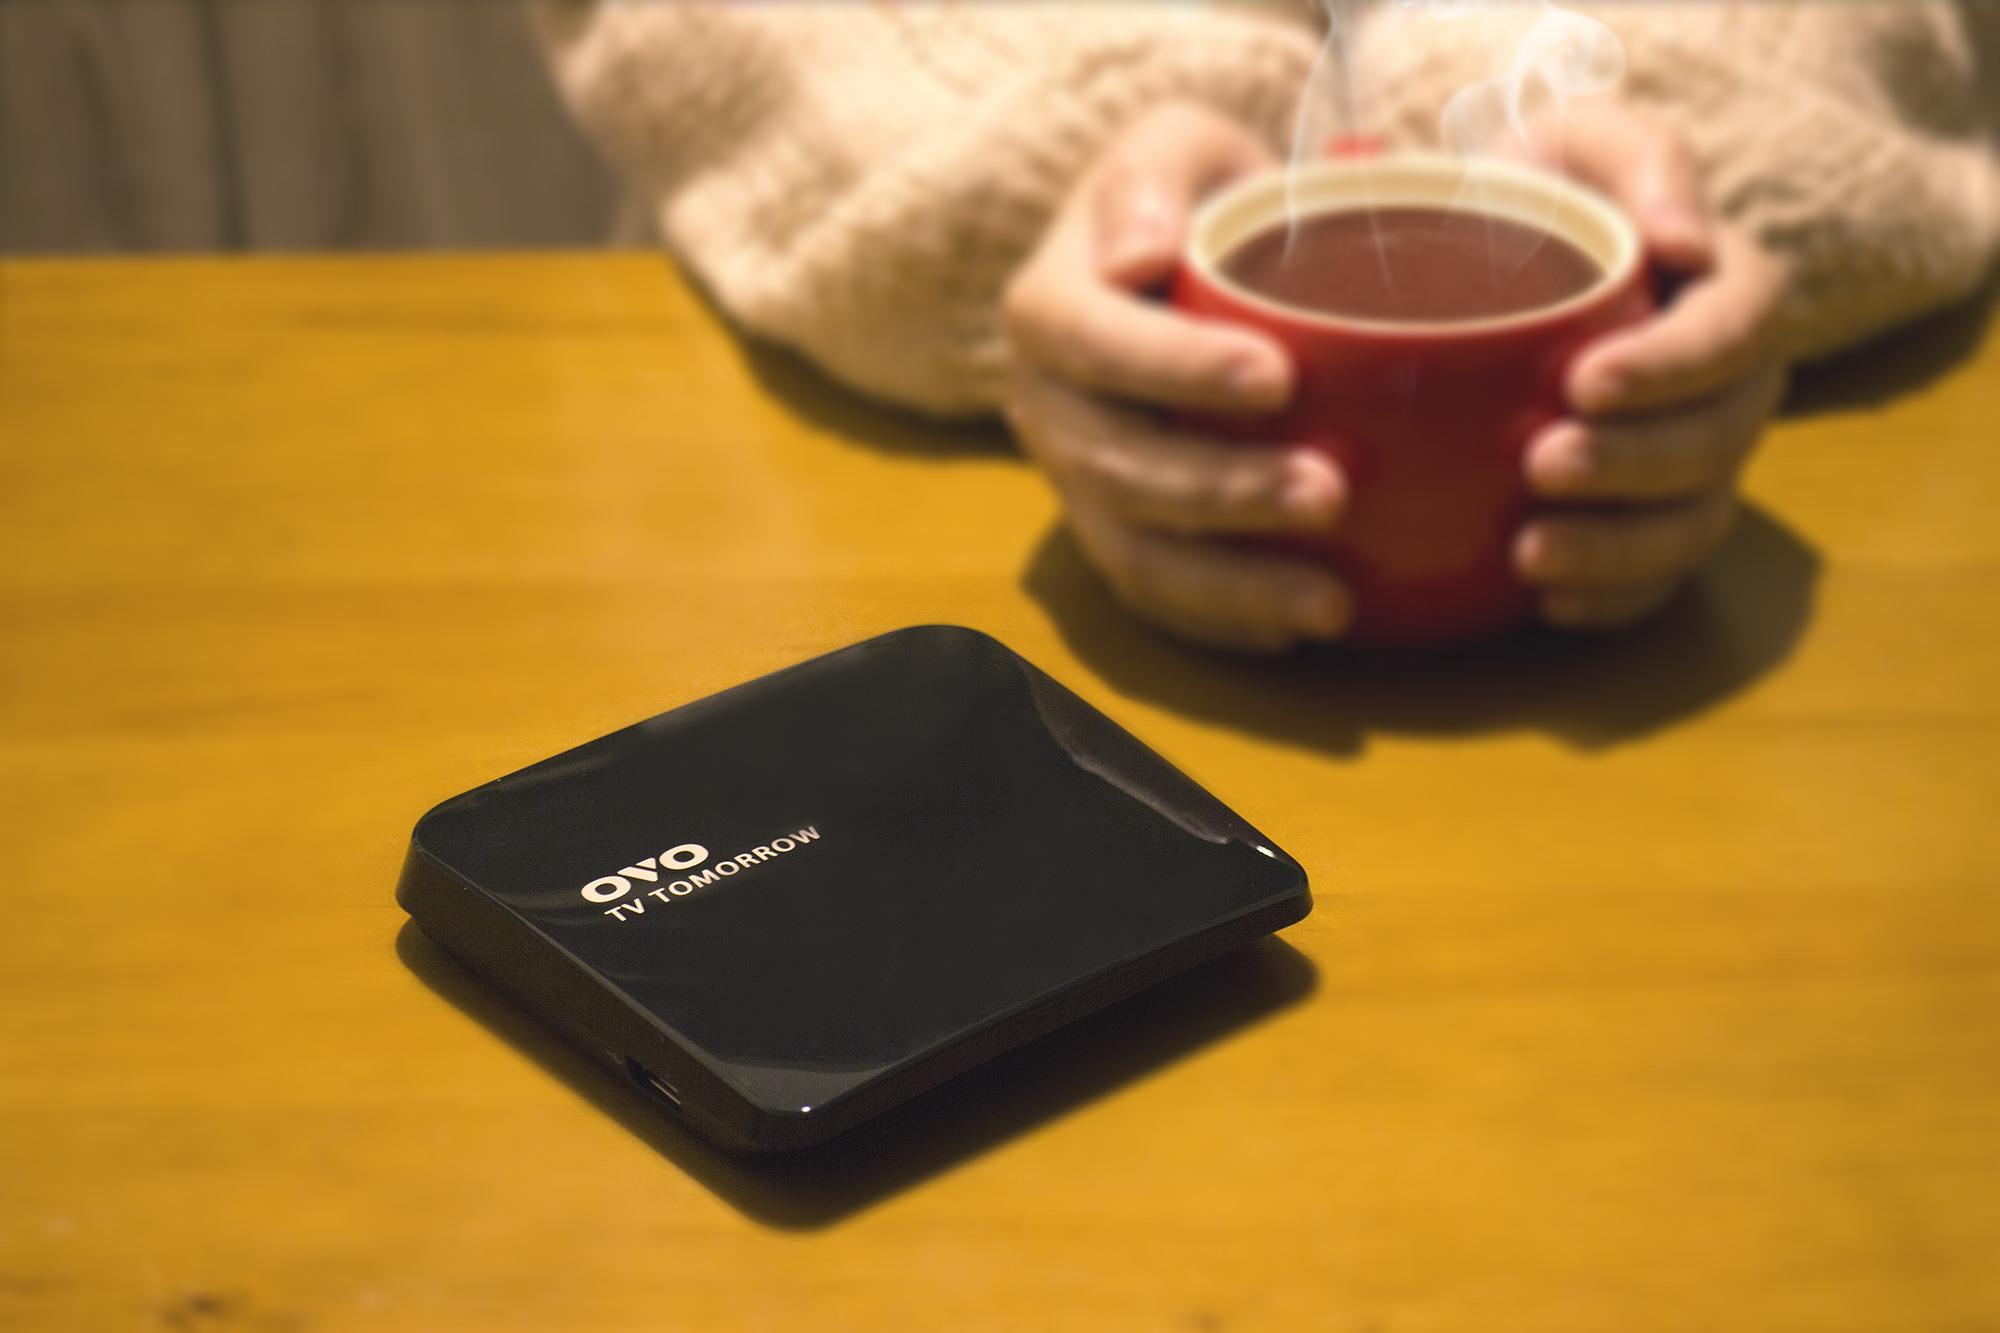 冷氣團助長宅經濟,OVO電視盒單月熱銷5千台